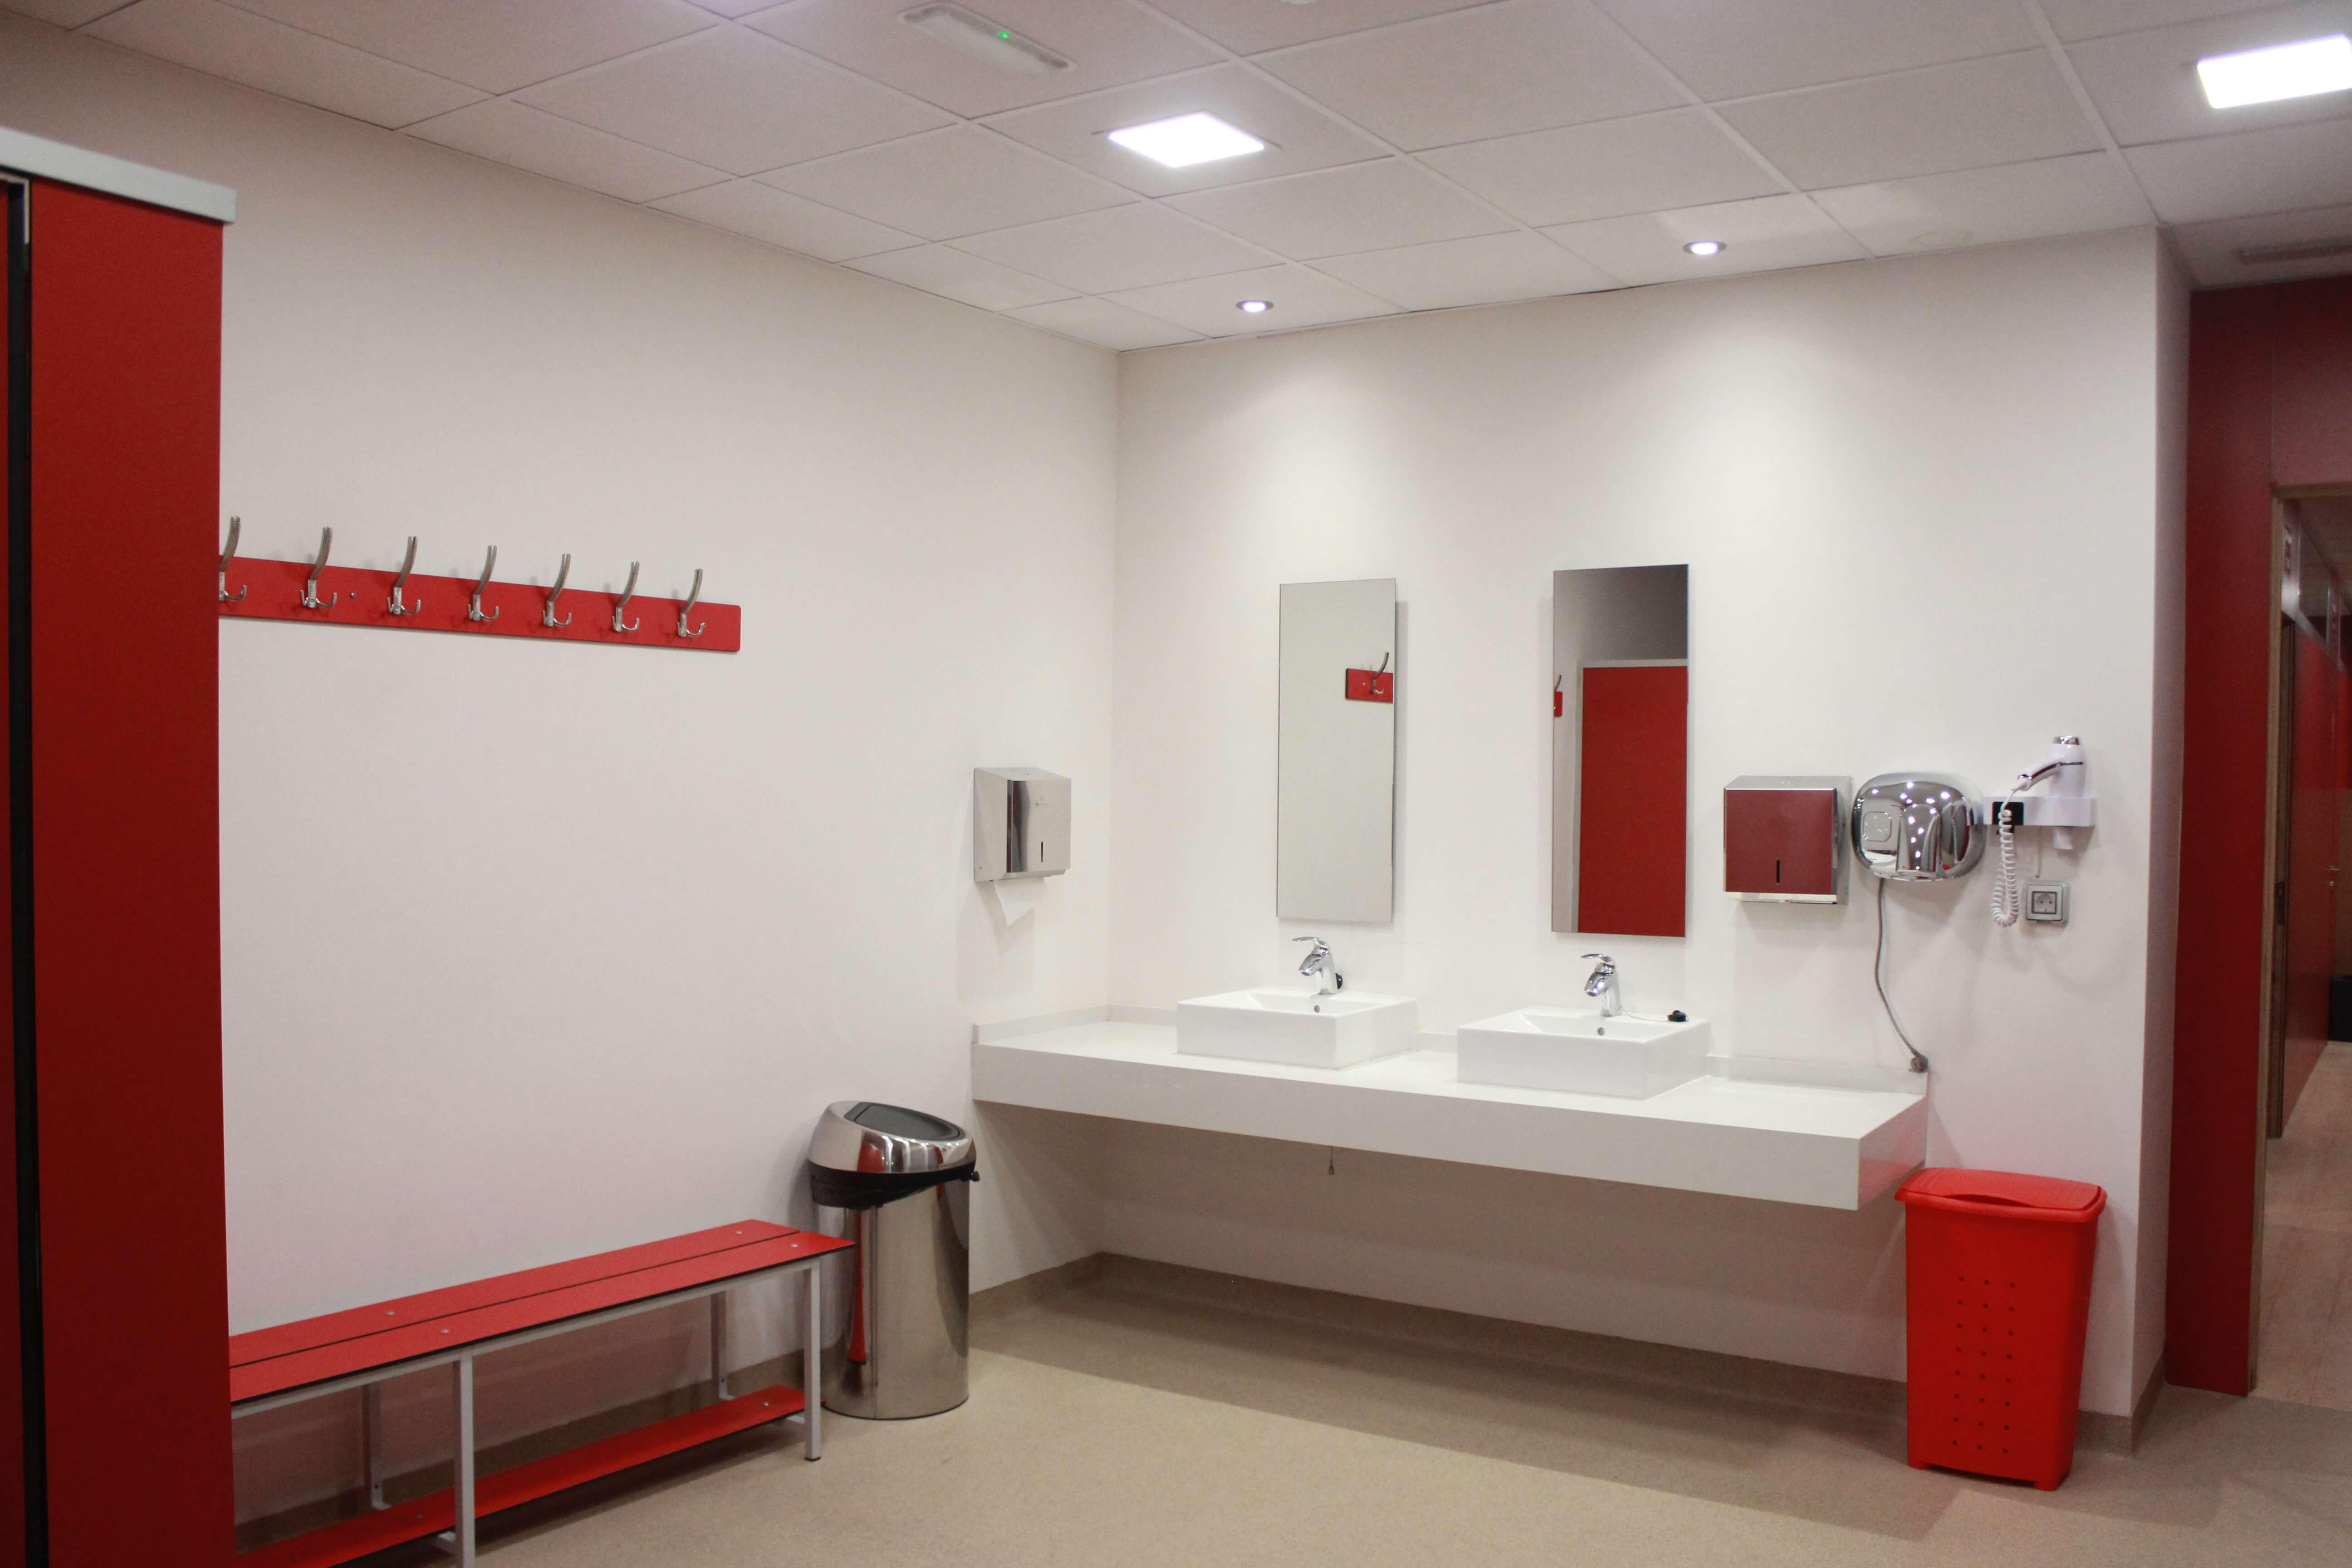 Lavabos para zona de cortesía y sala de congresos (fase II)